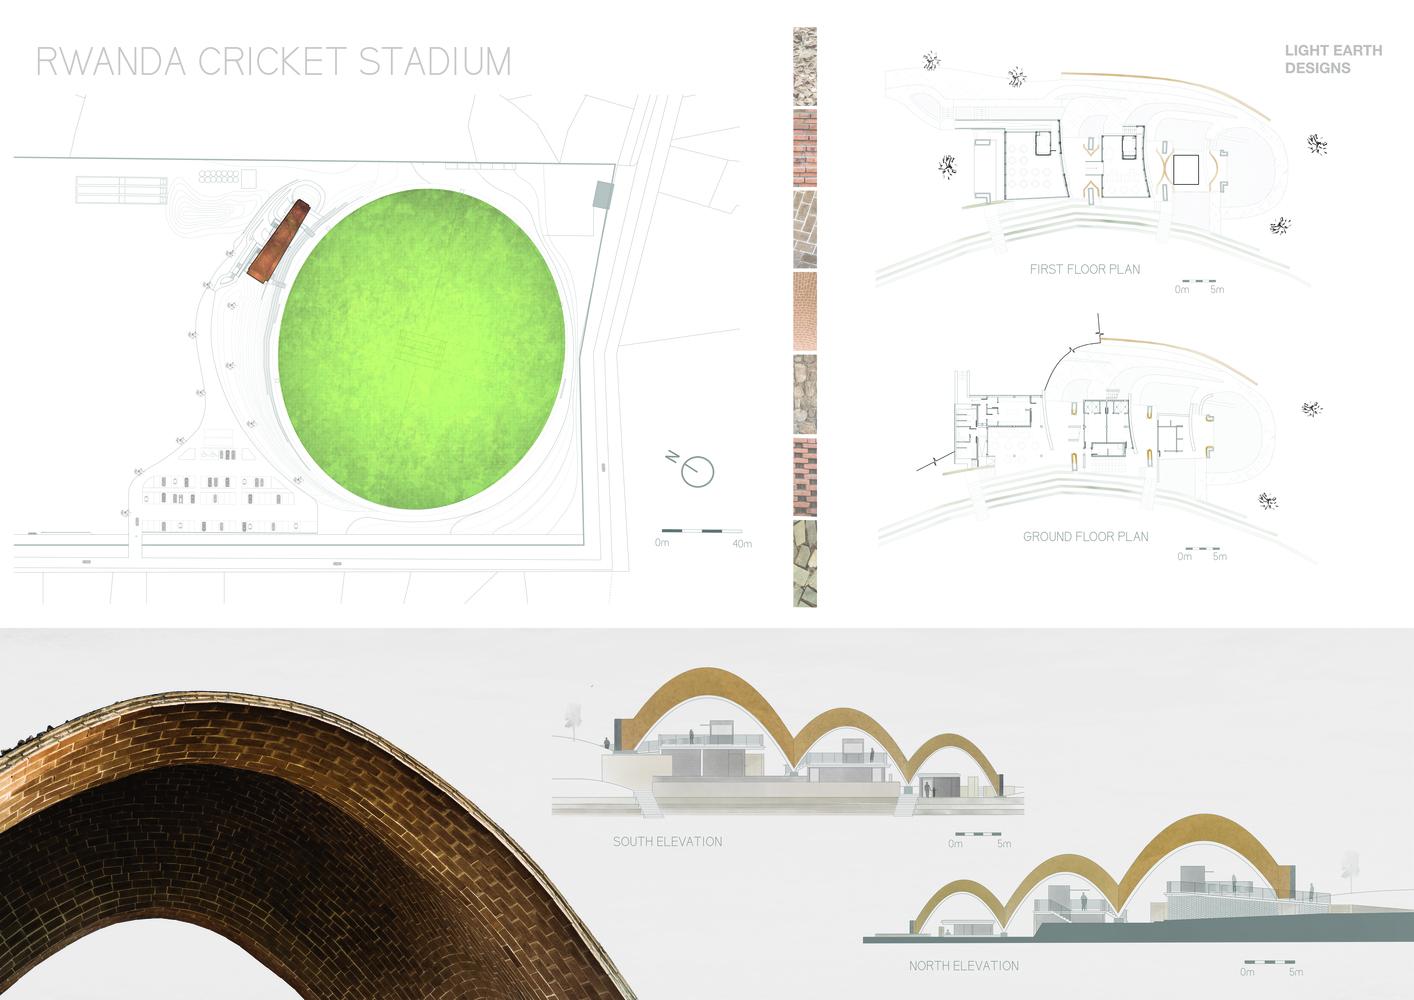 medium resolution of rwanda cricket stadium light earth designs